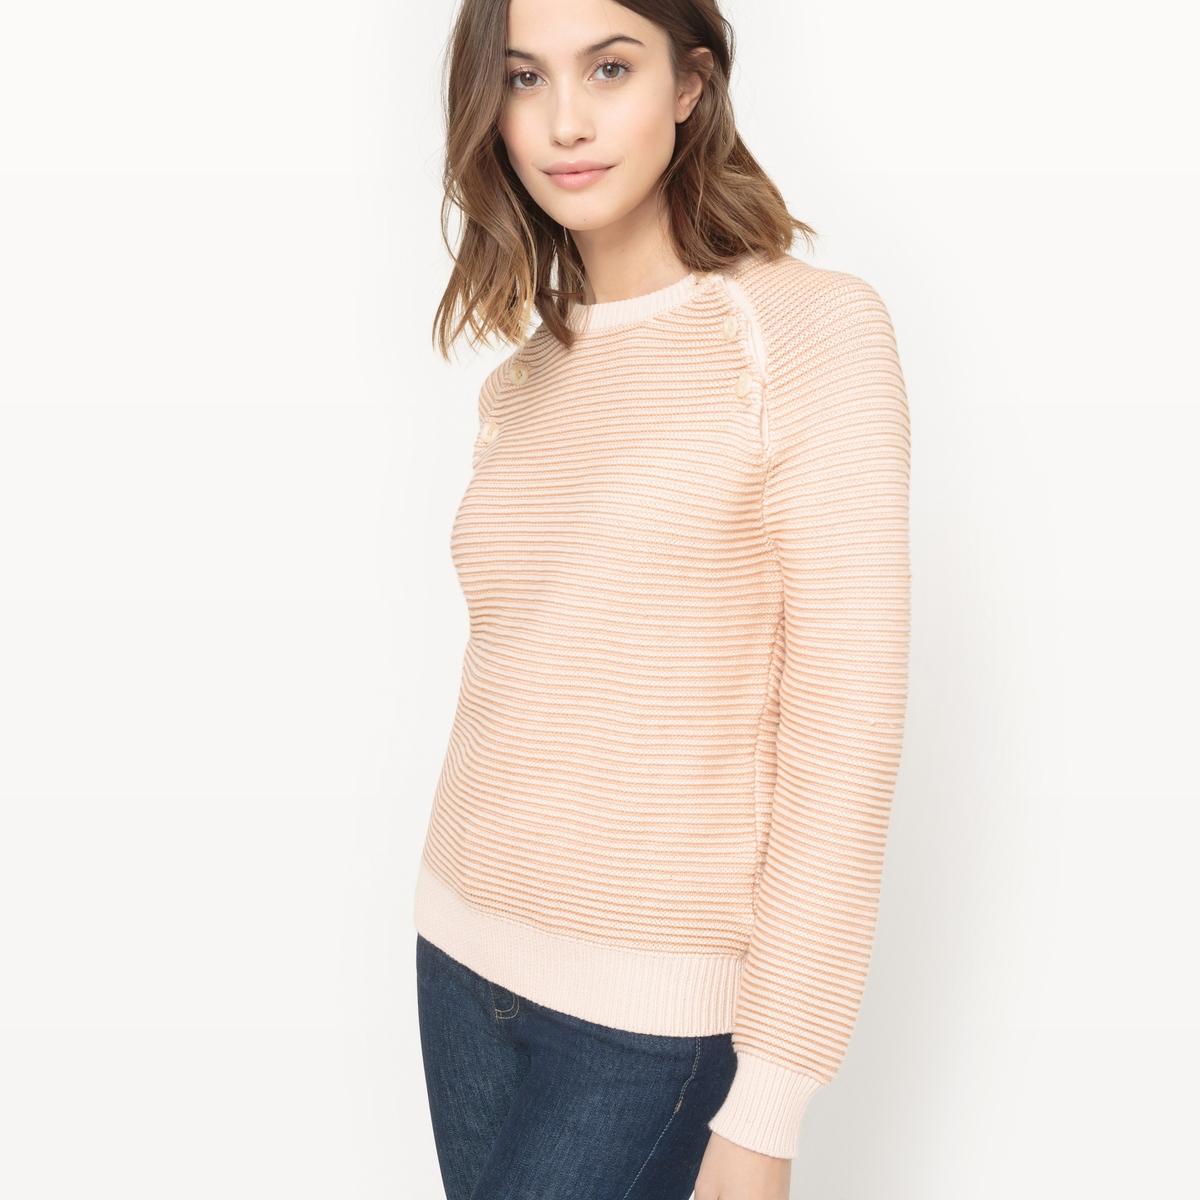 Пуловер в полоску, пуговицы на проймах рукава